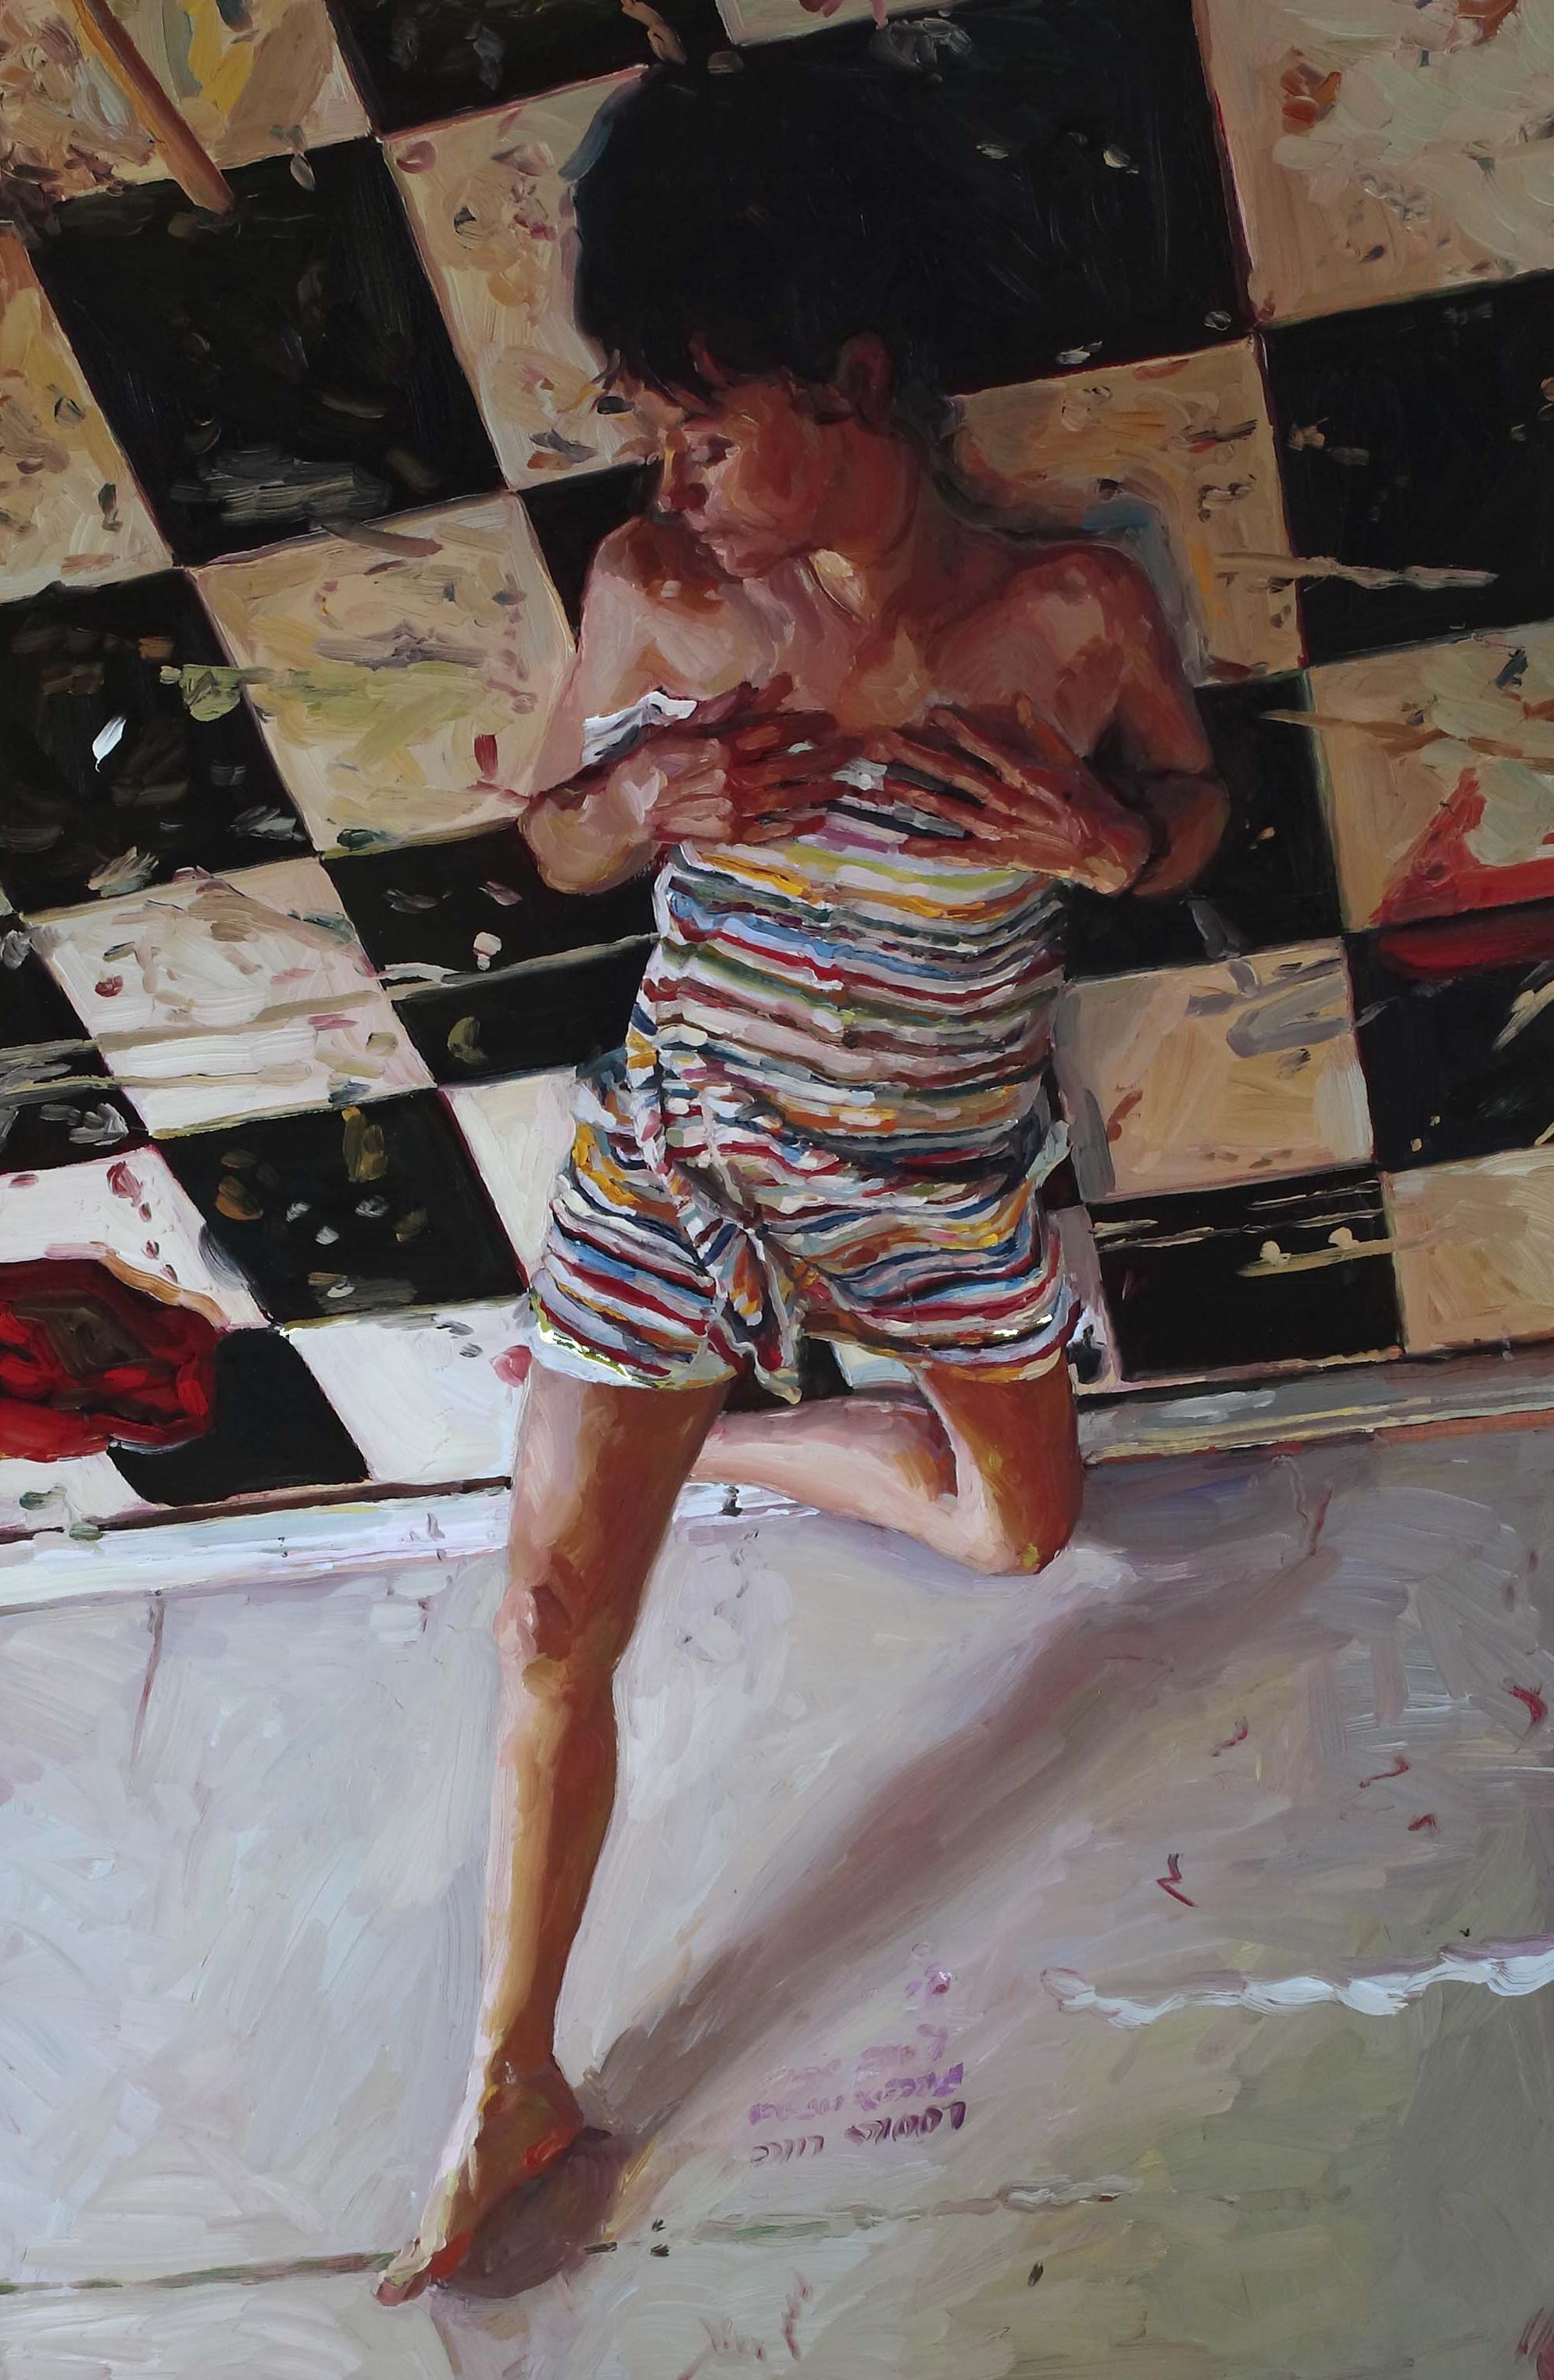 Reclining Wife, oil on board, 60 x 40 cm, 2008.